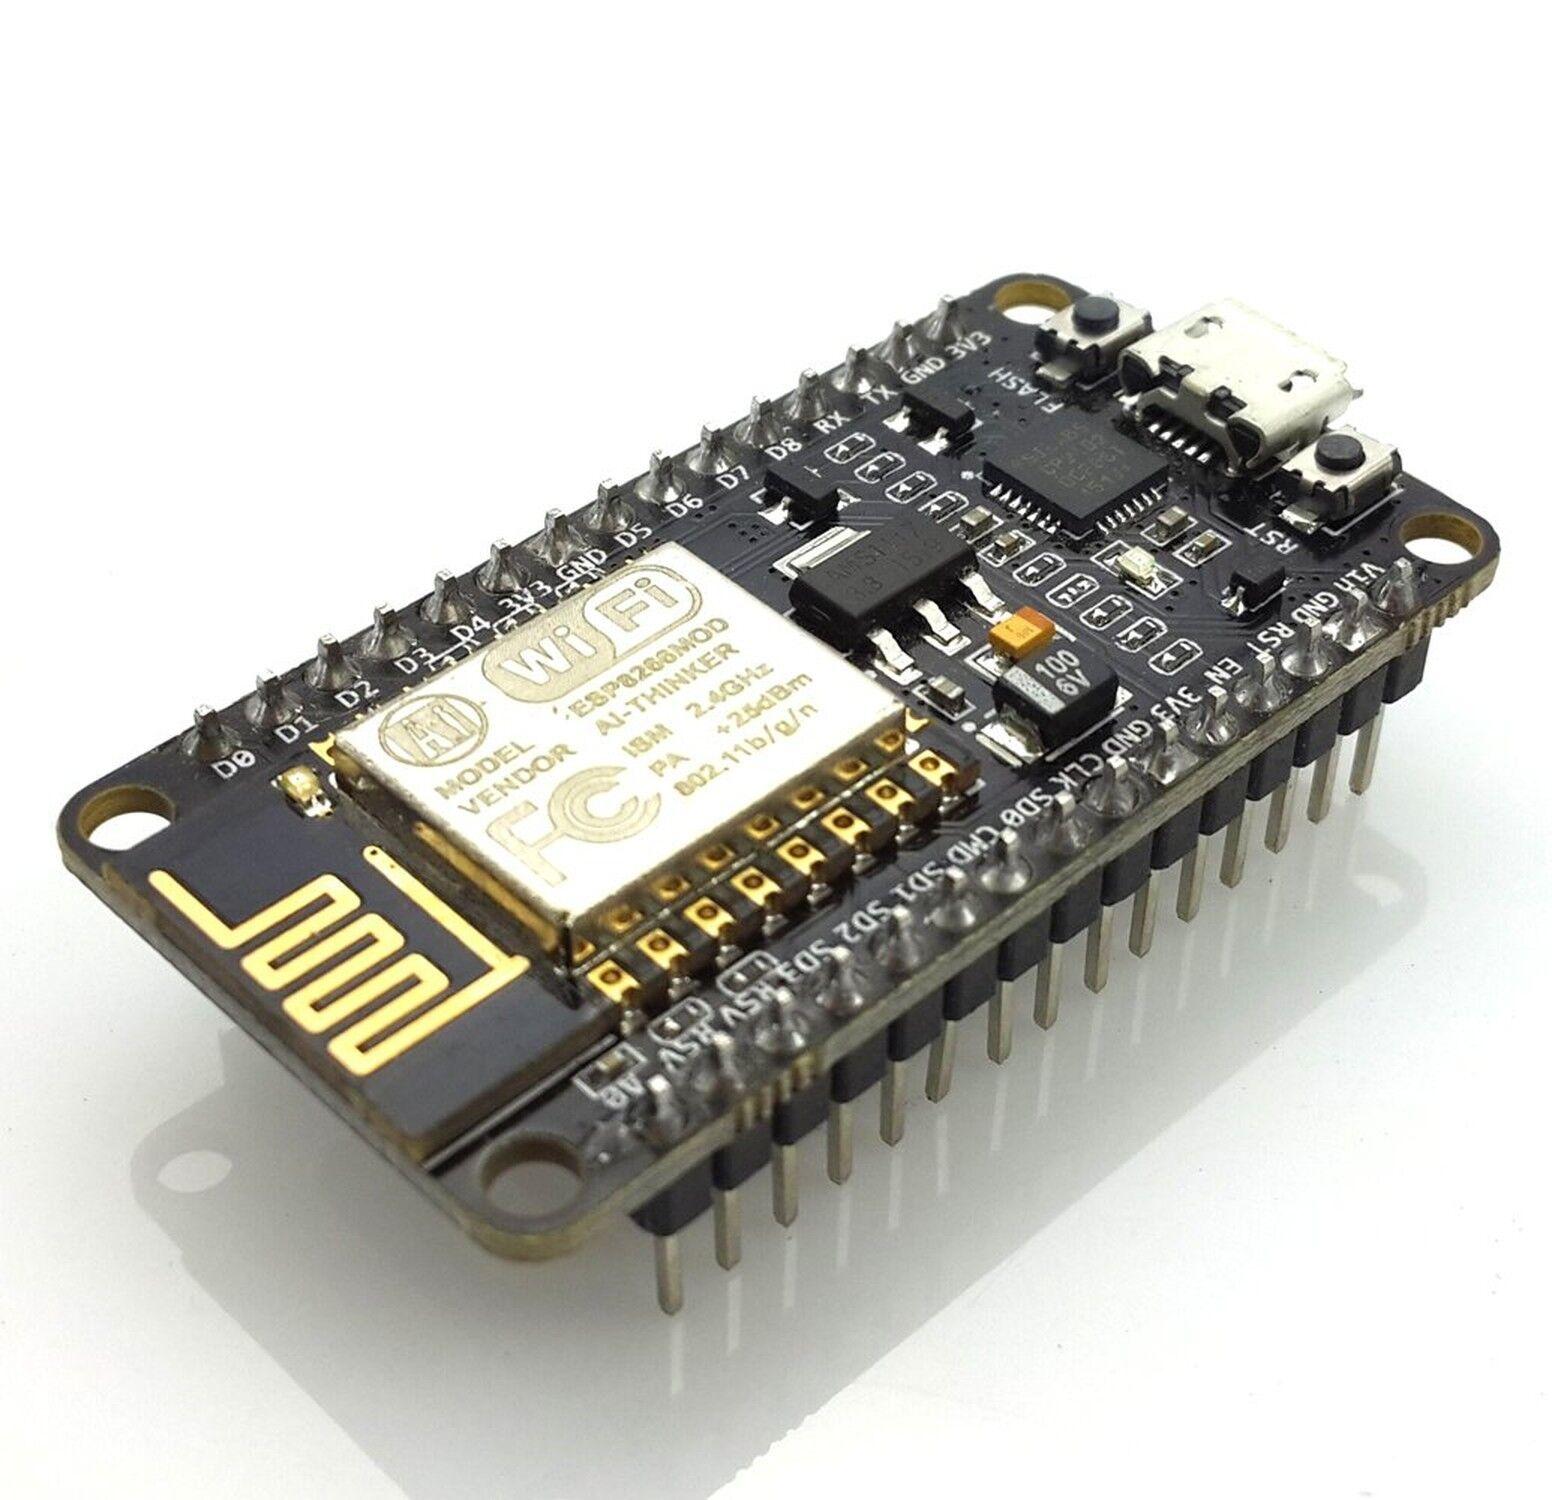 ESP8266 ESP-12E-CP2102 WIFI Network Development Board Module For NodeMcu..